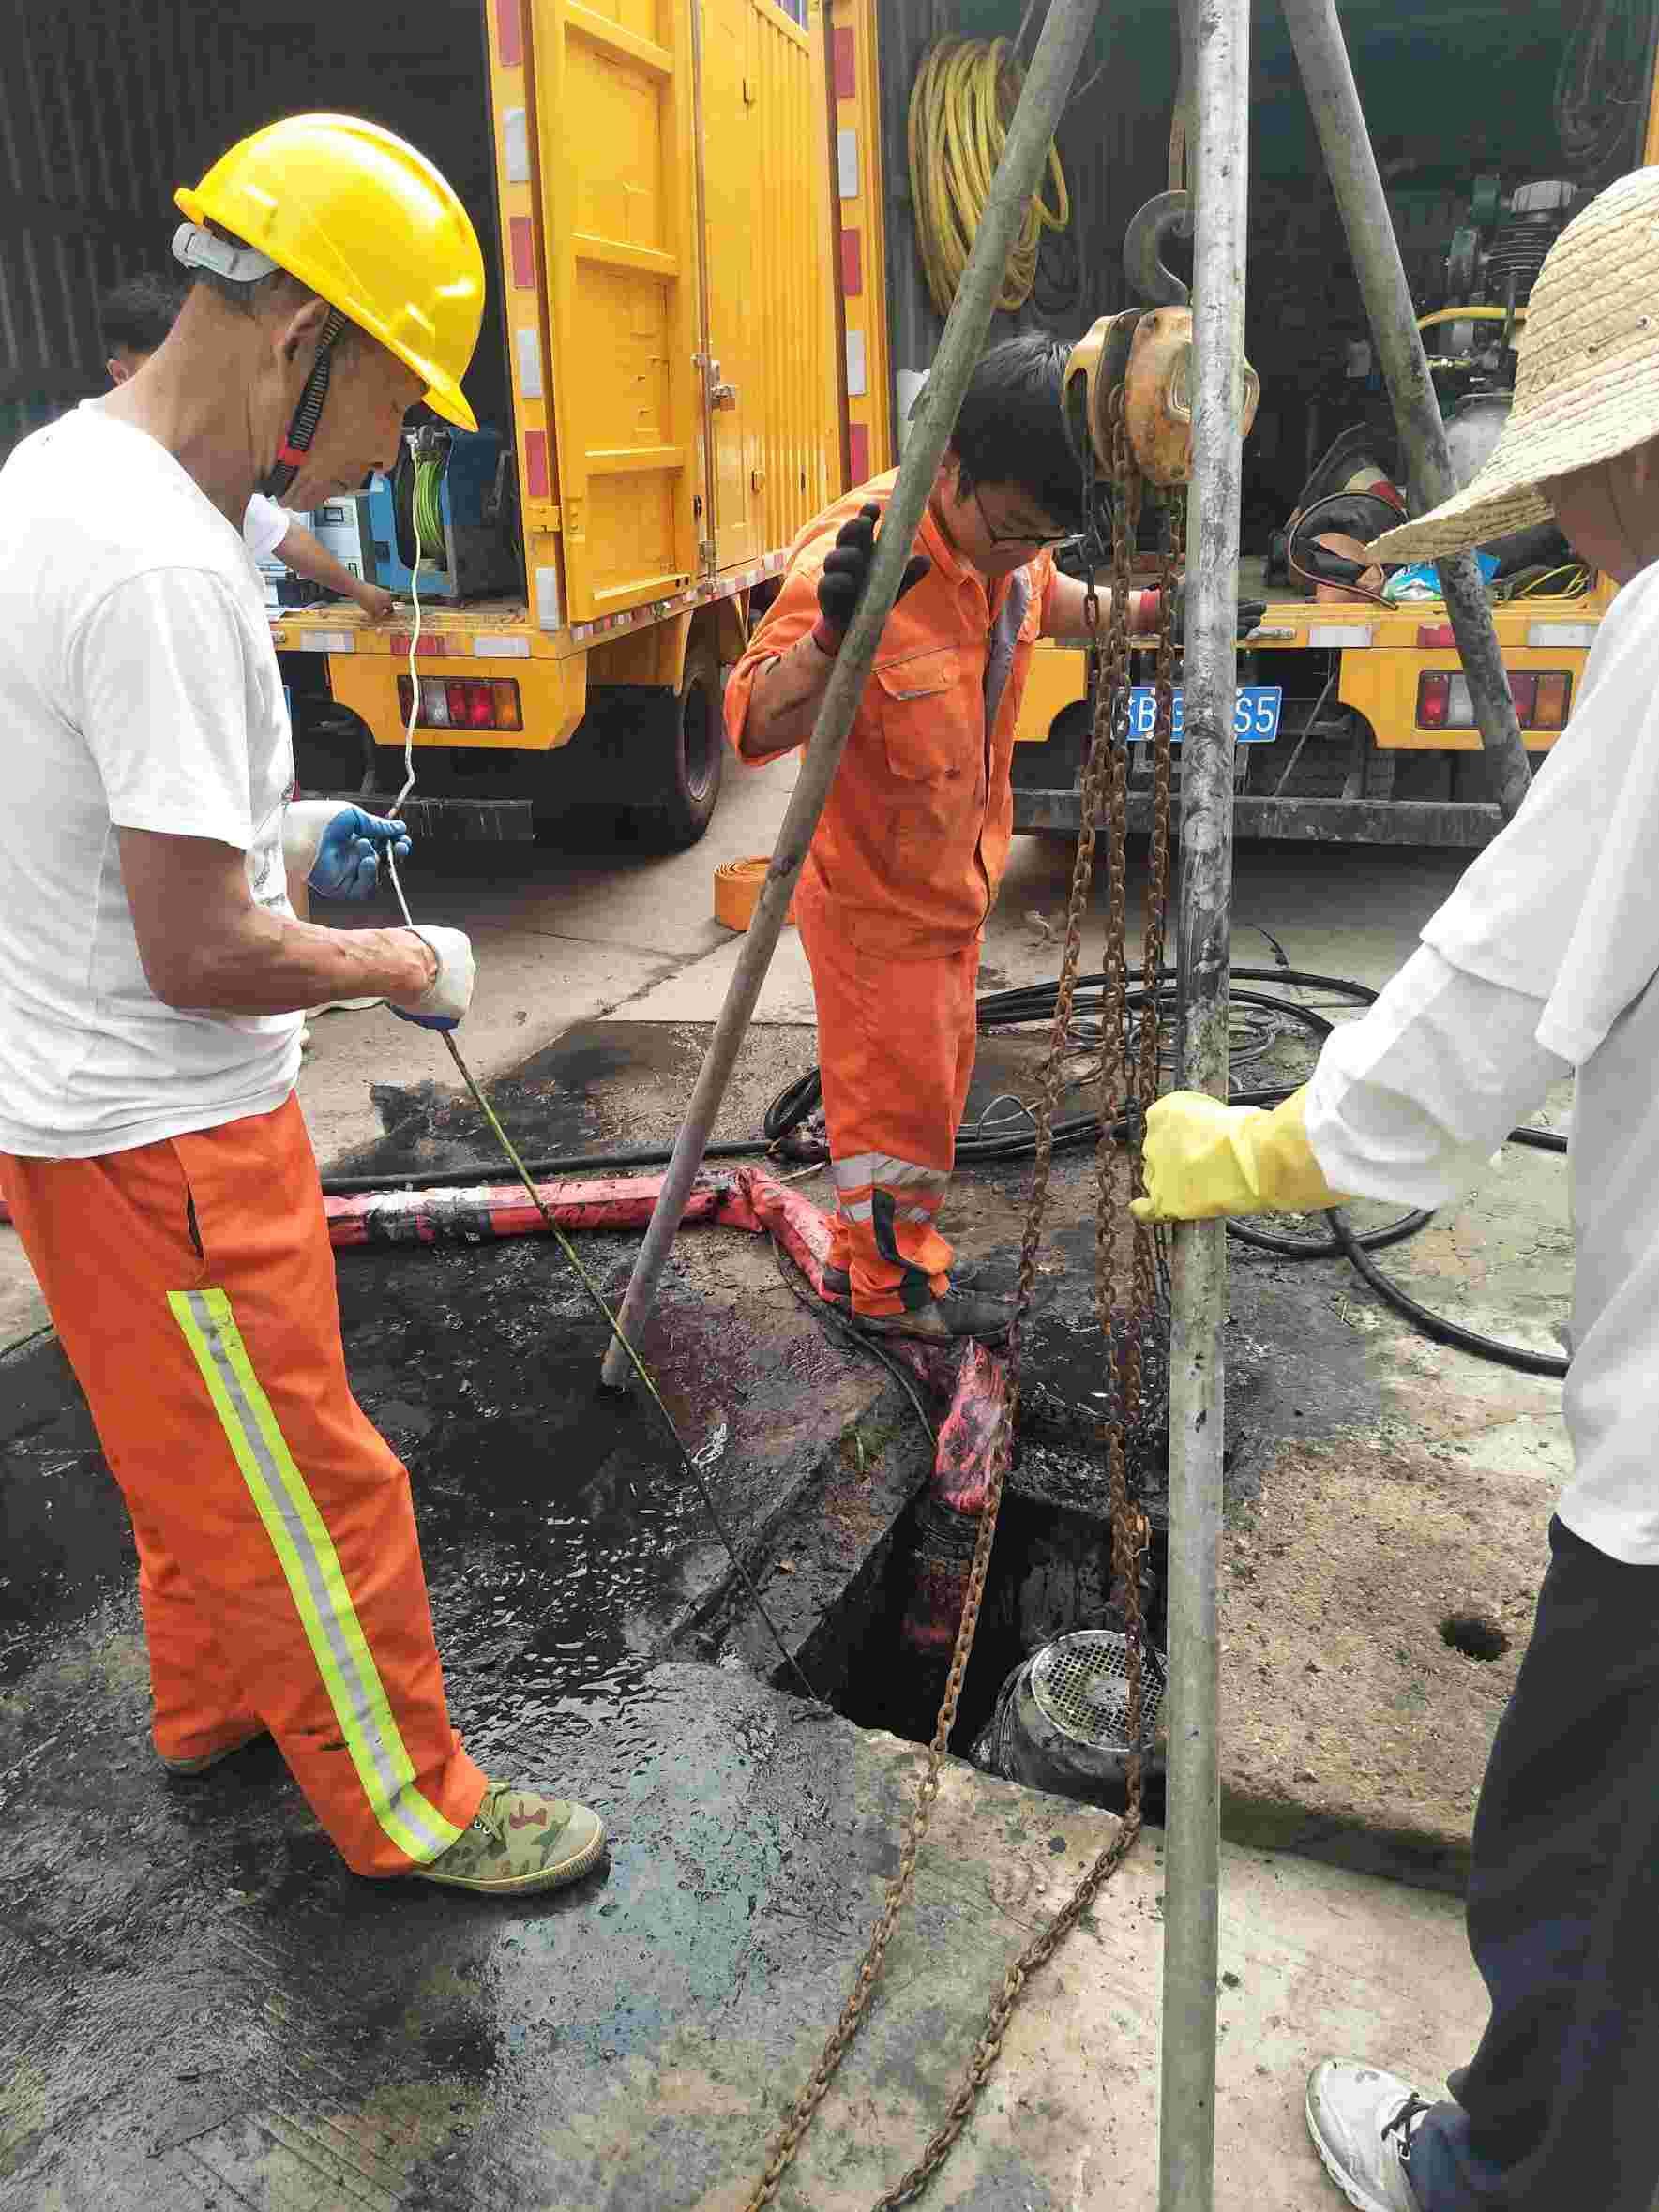 上海市打捞隔油池不通不收费【迪辉市政】